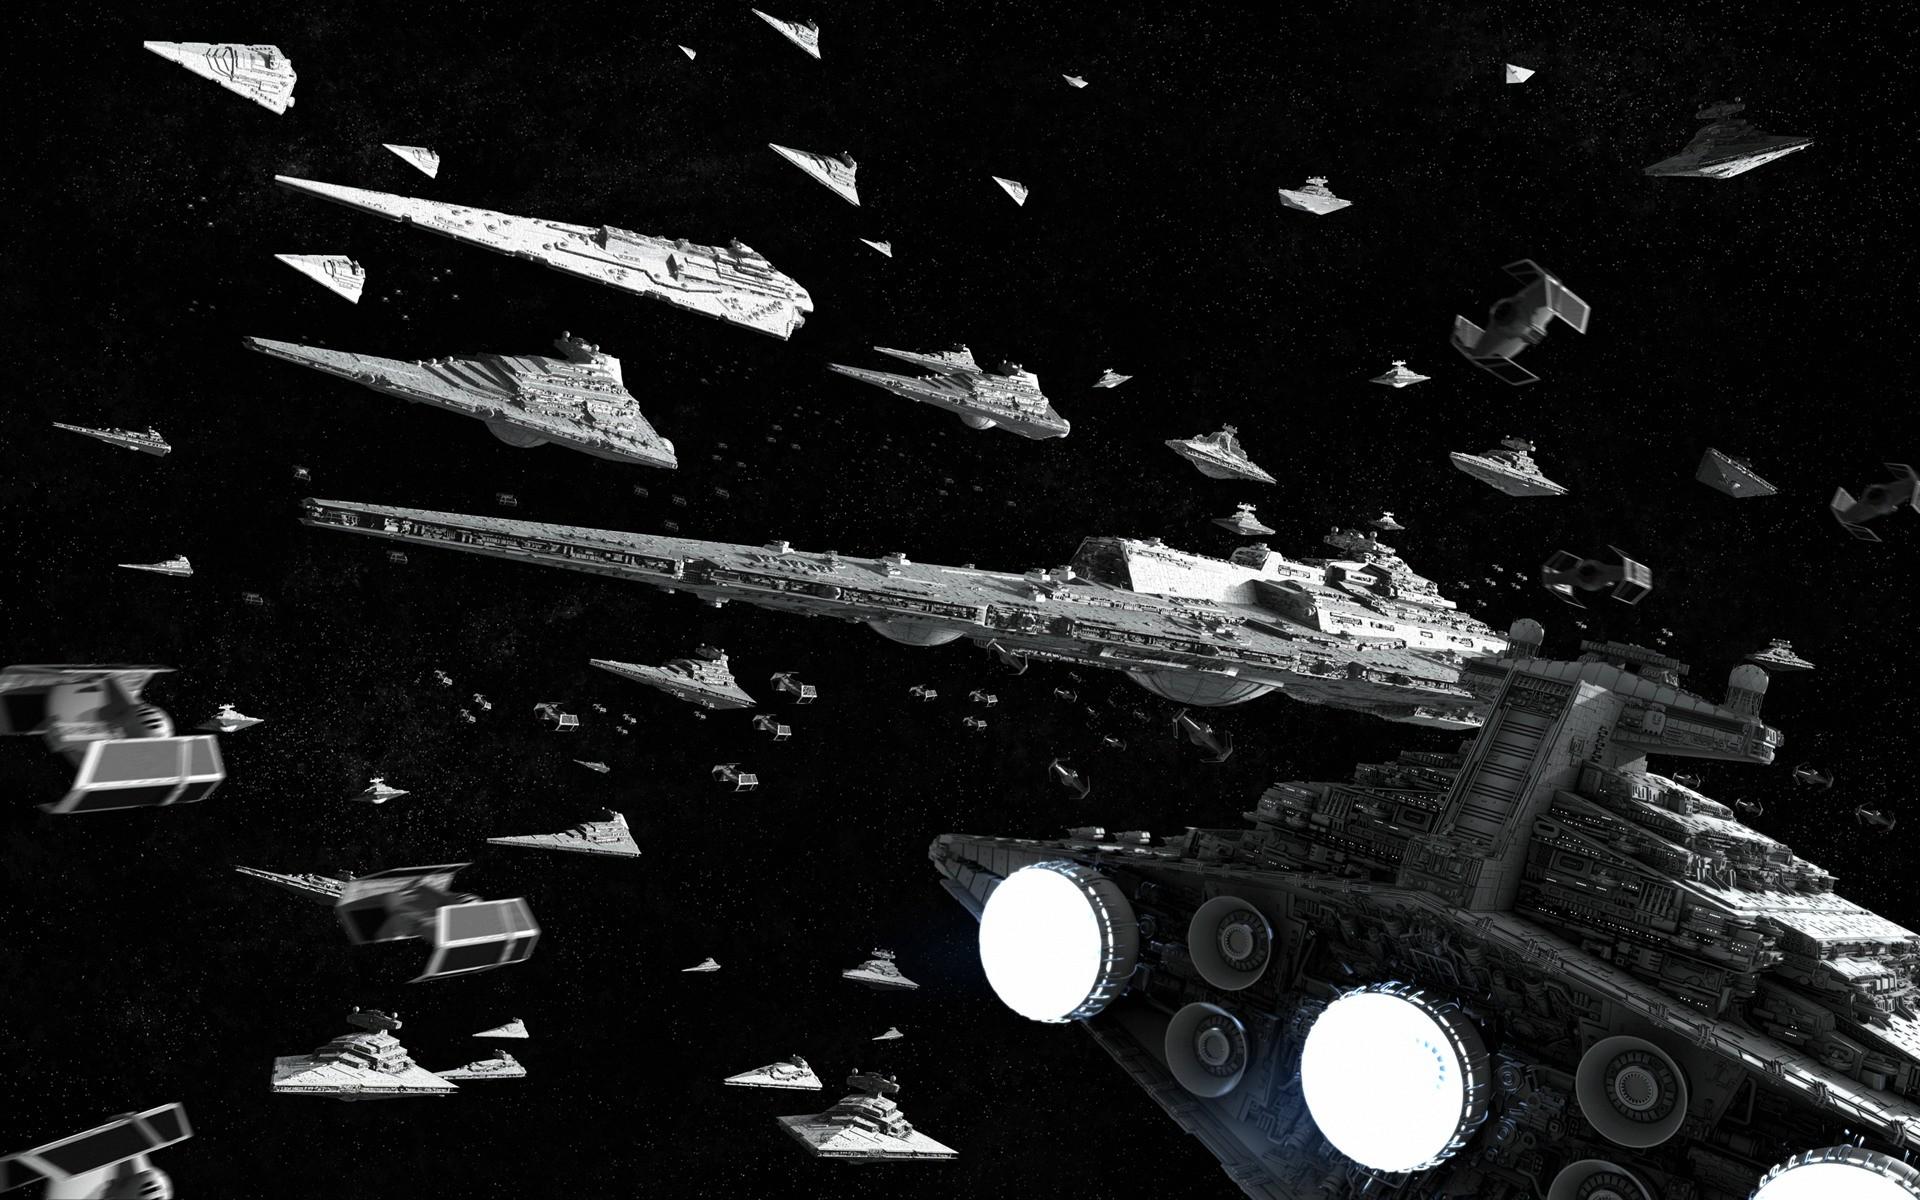 STAR WAR WALLPAPER: Cool Star Wars Backgrounds